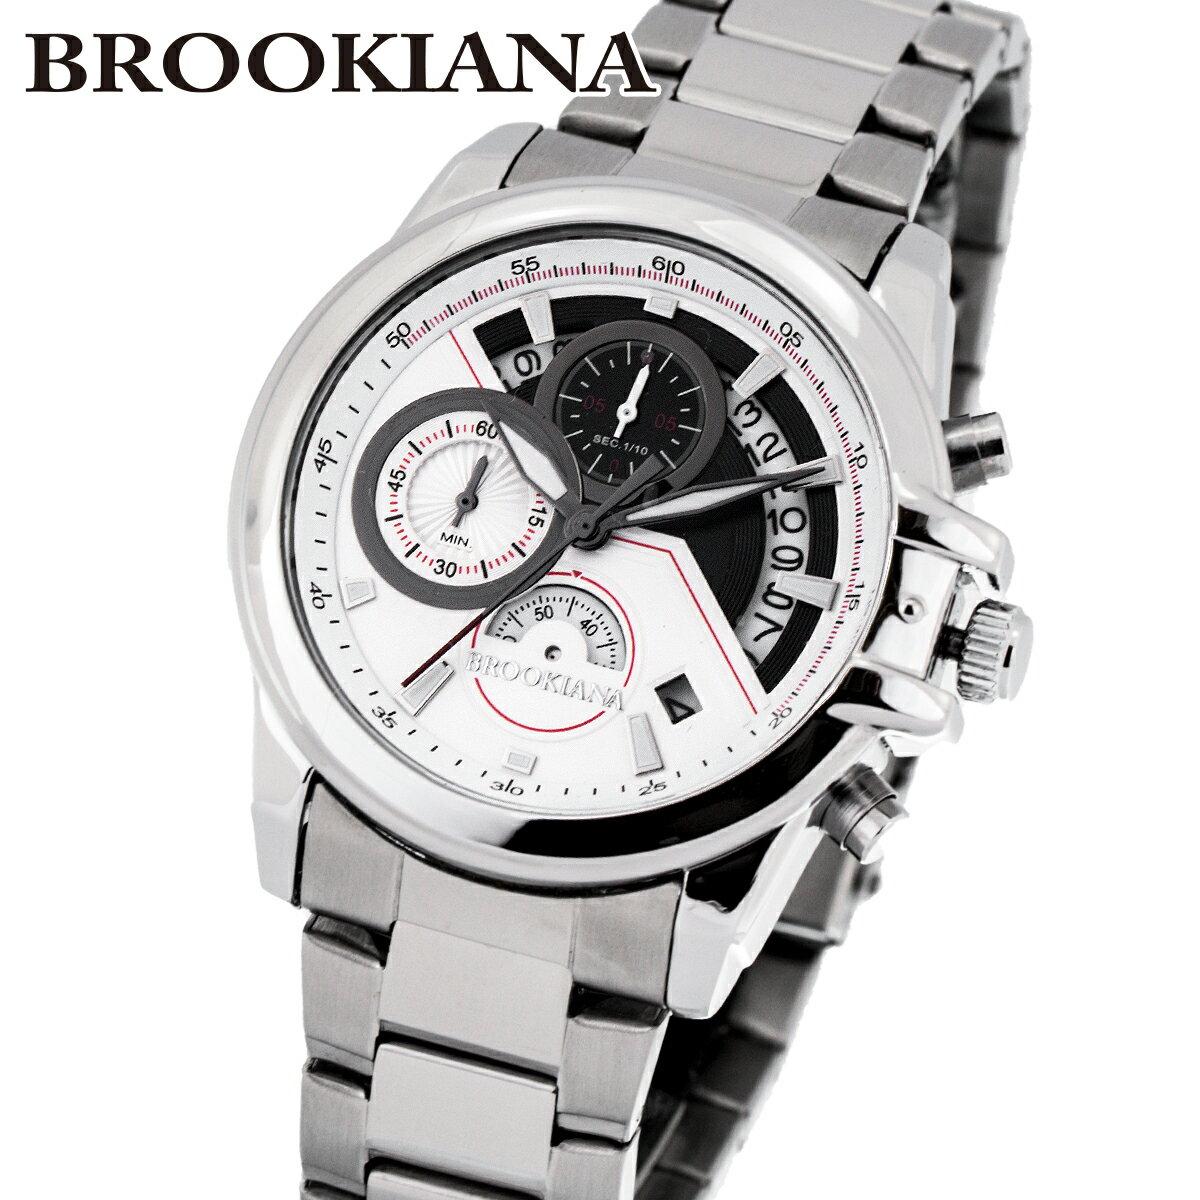 ブルッキアーナ BROOKIANA ba0083-wh メンズ 時計 腕時計 カレンダー クォーツ 防水